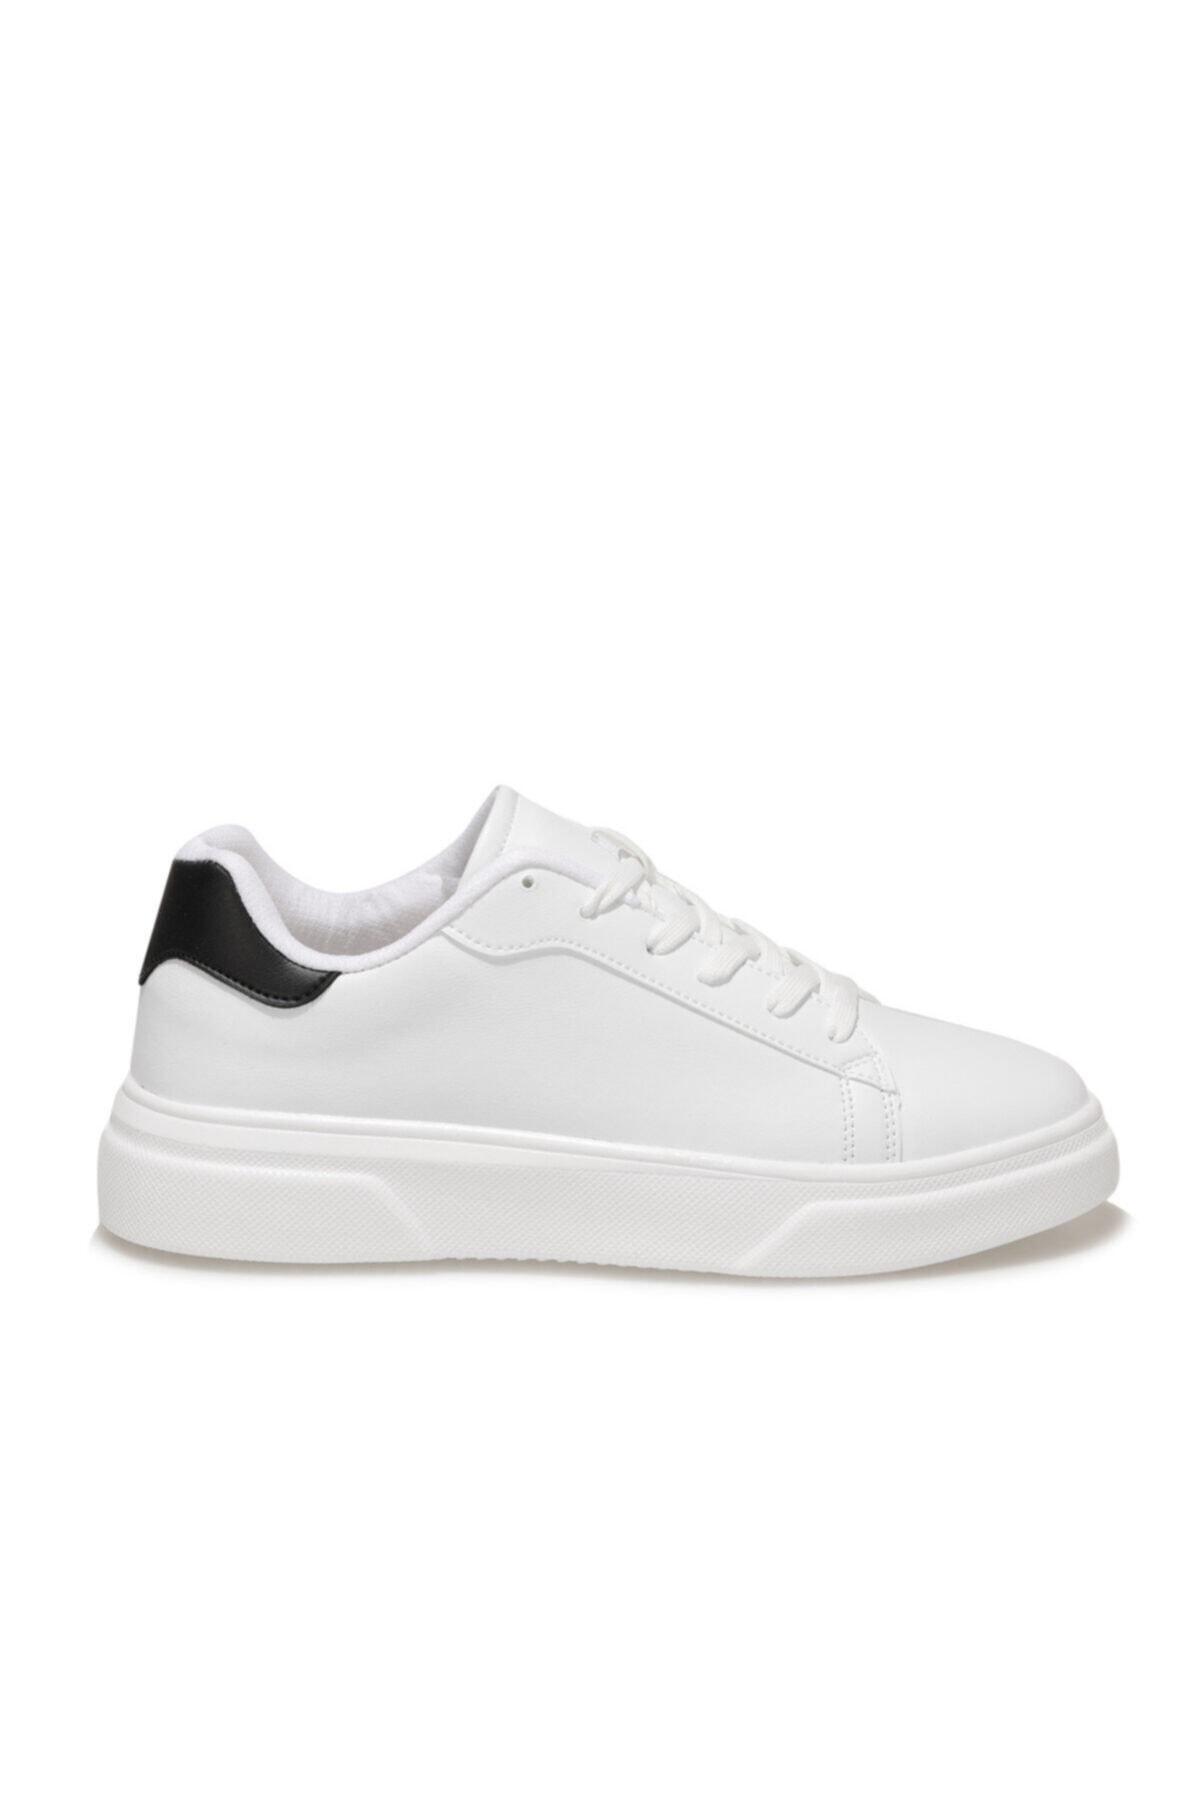 Torex LEO 1FX Beyaz Erkek Sneaker Ayakkabı 101018257 2